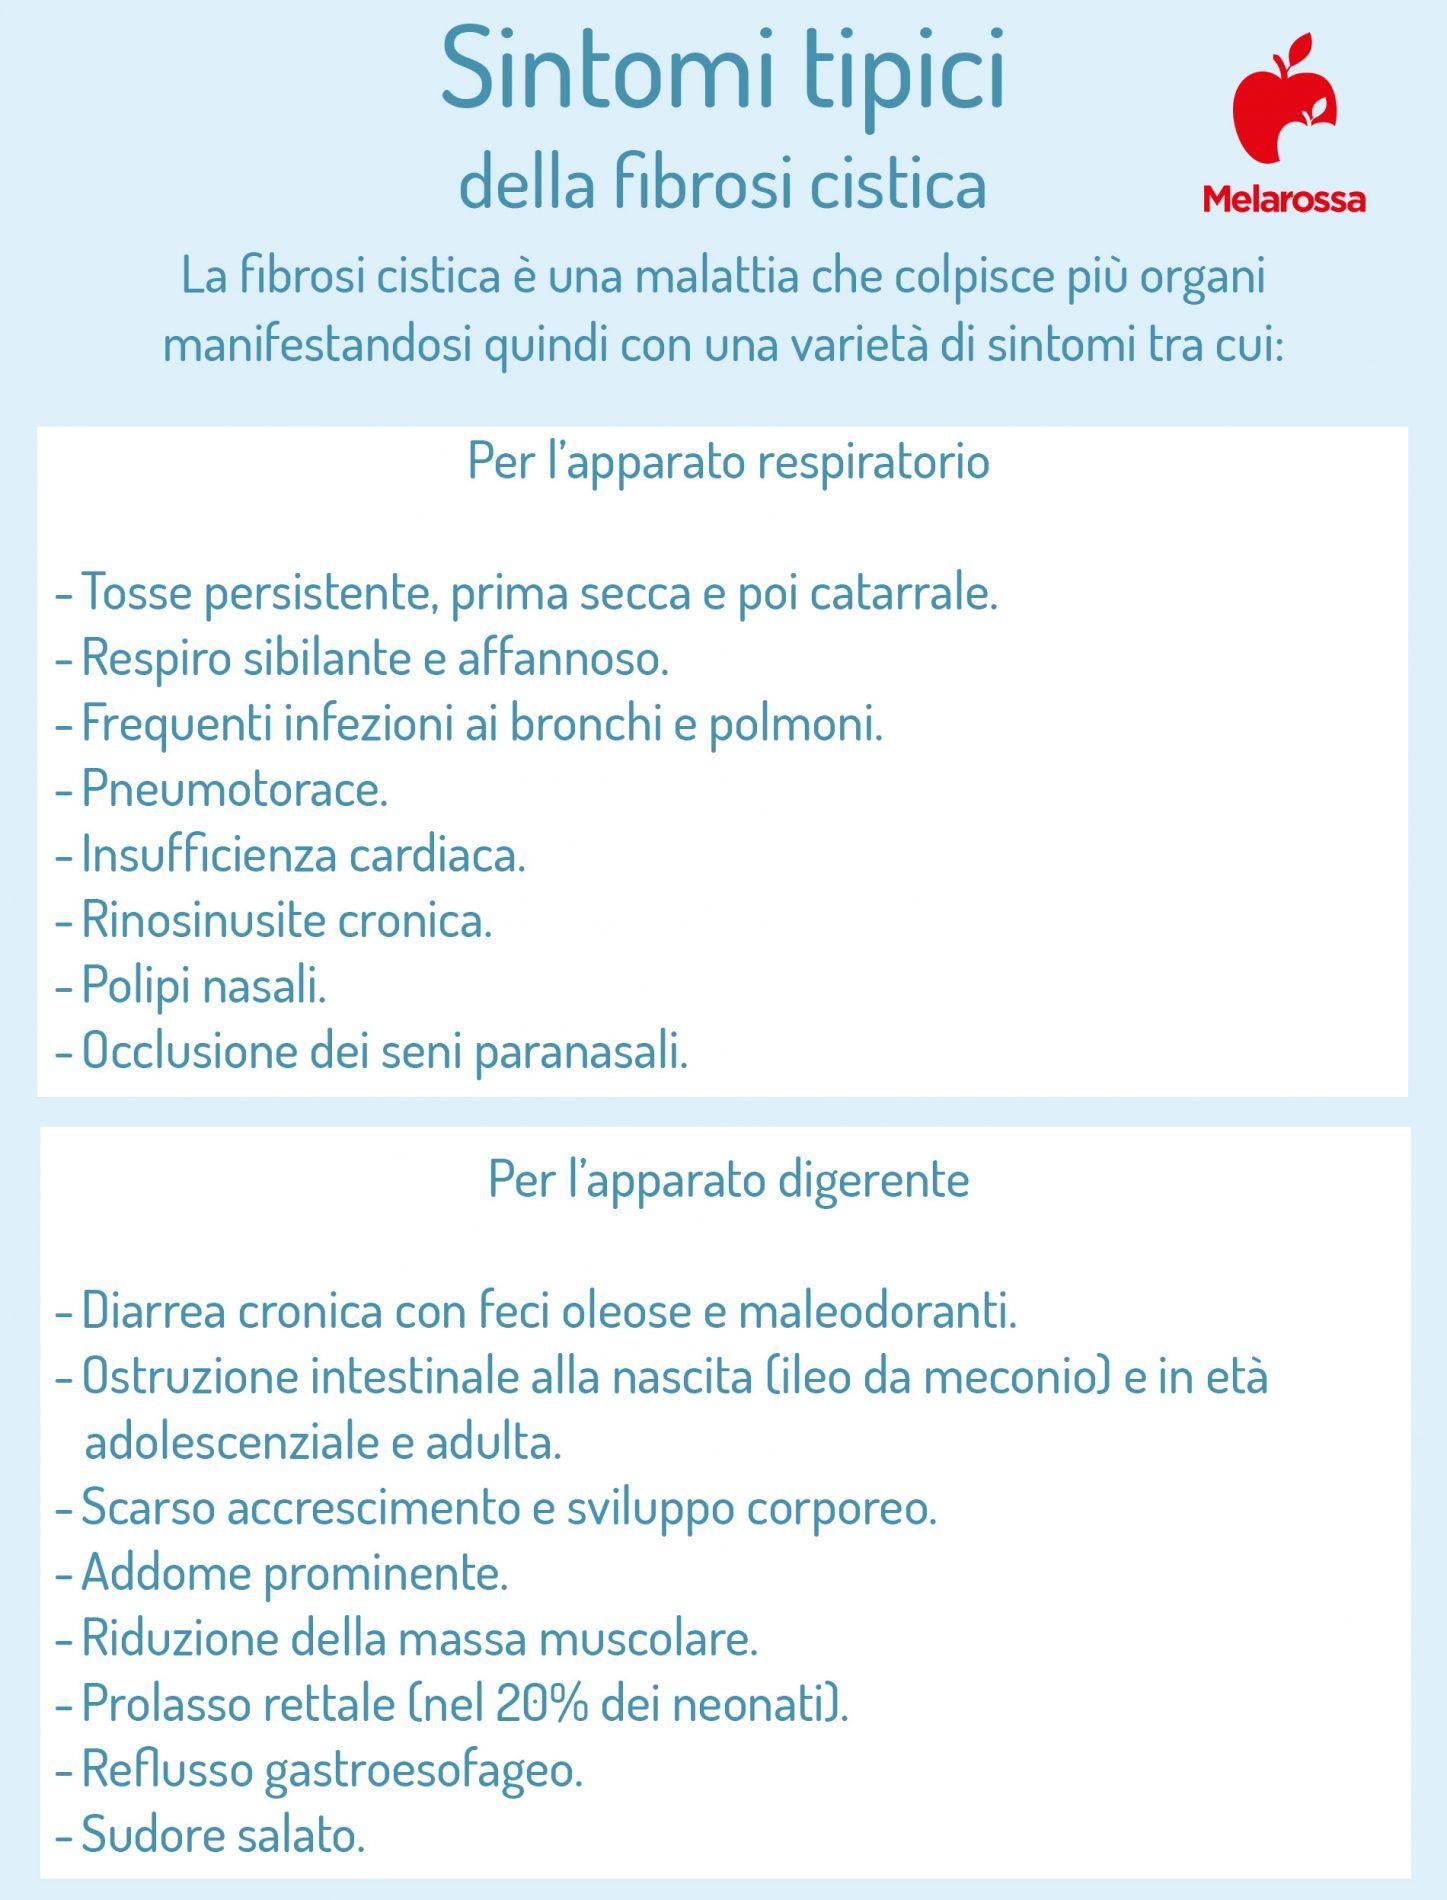 fibrosi cistica: sintomi